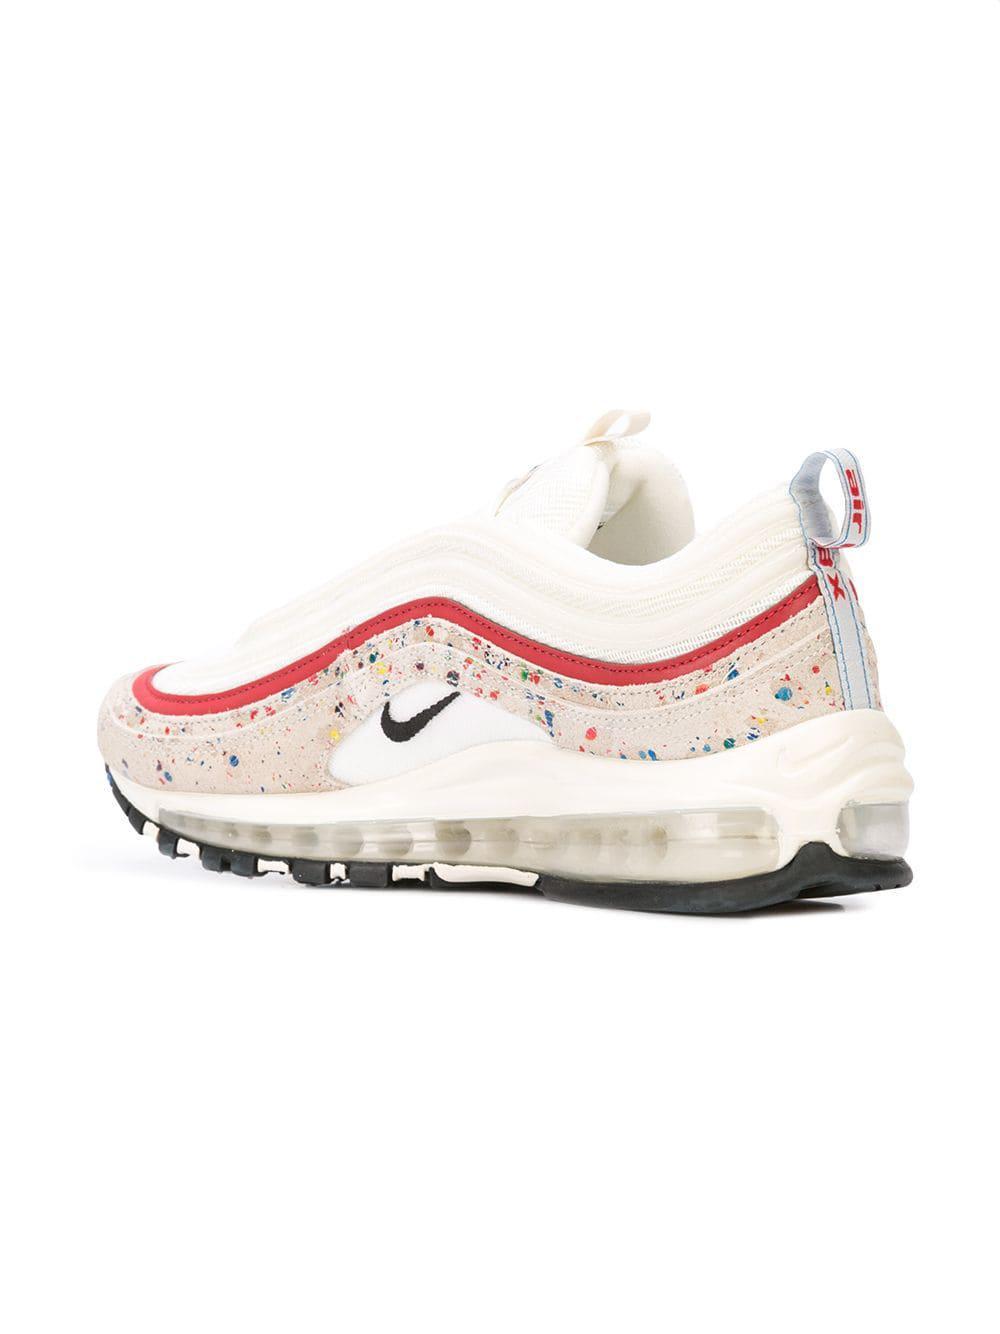 Air Max 97 Premium Paint Splatter Sneakers